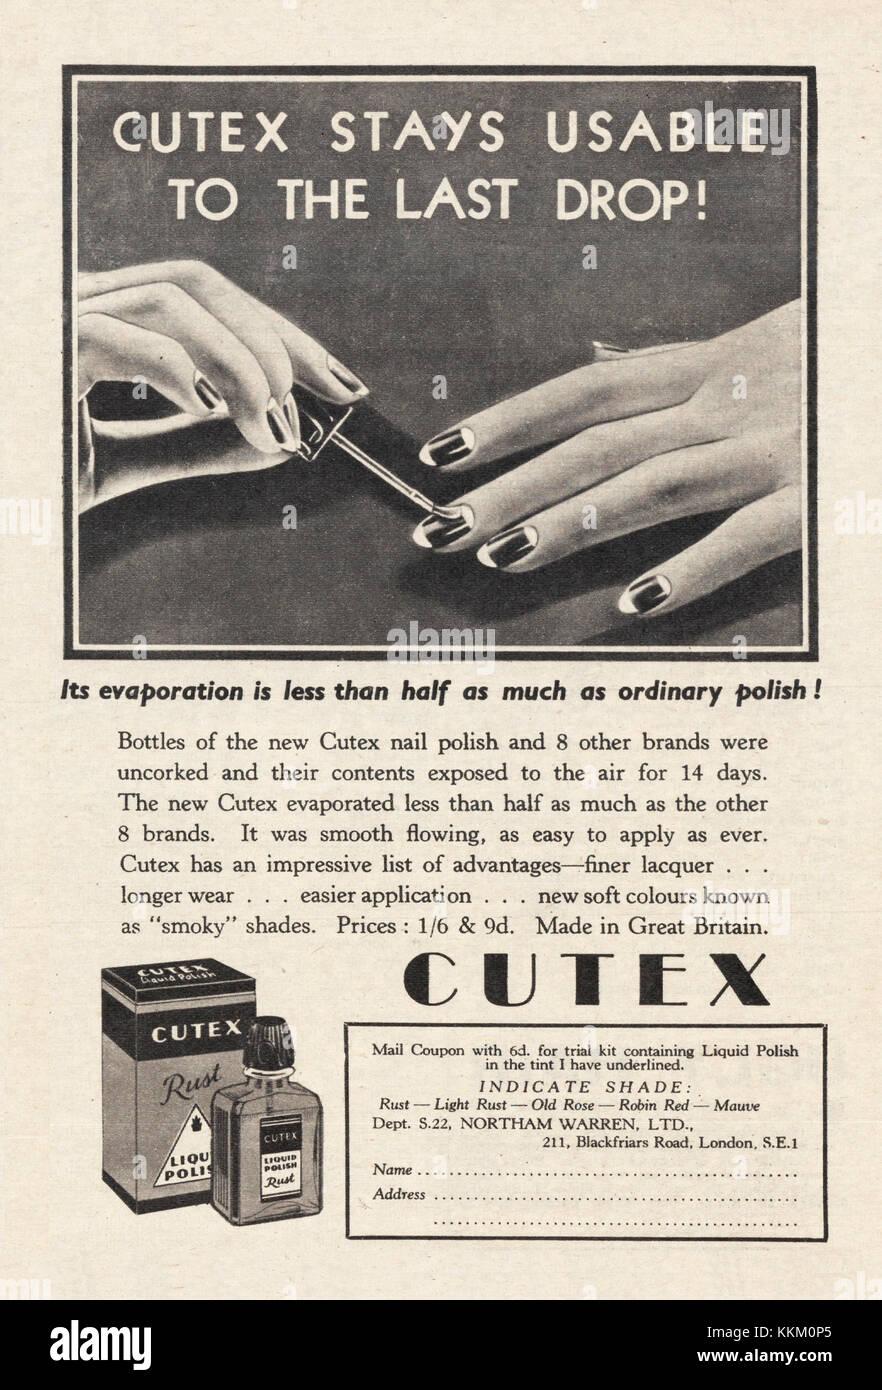 1934 UK Magazine Cutex Nail Polish Advert Stock Photo: 167011437 - Alamy